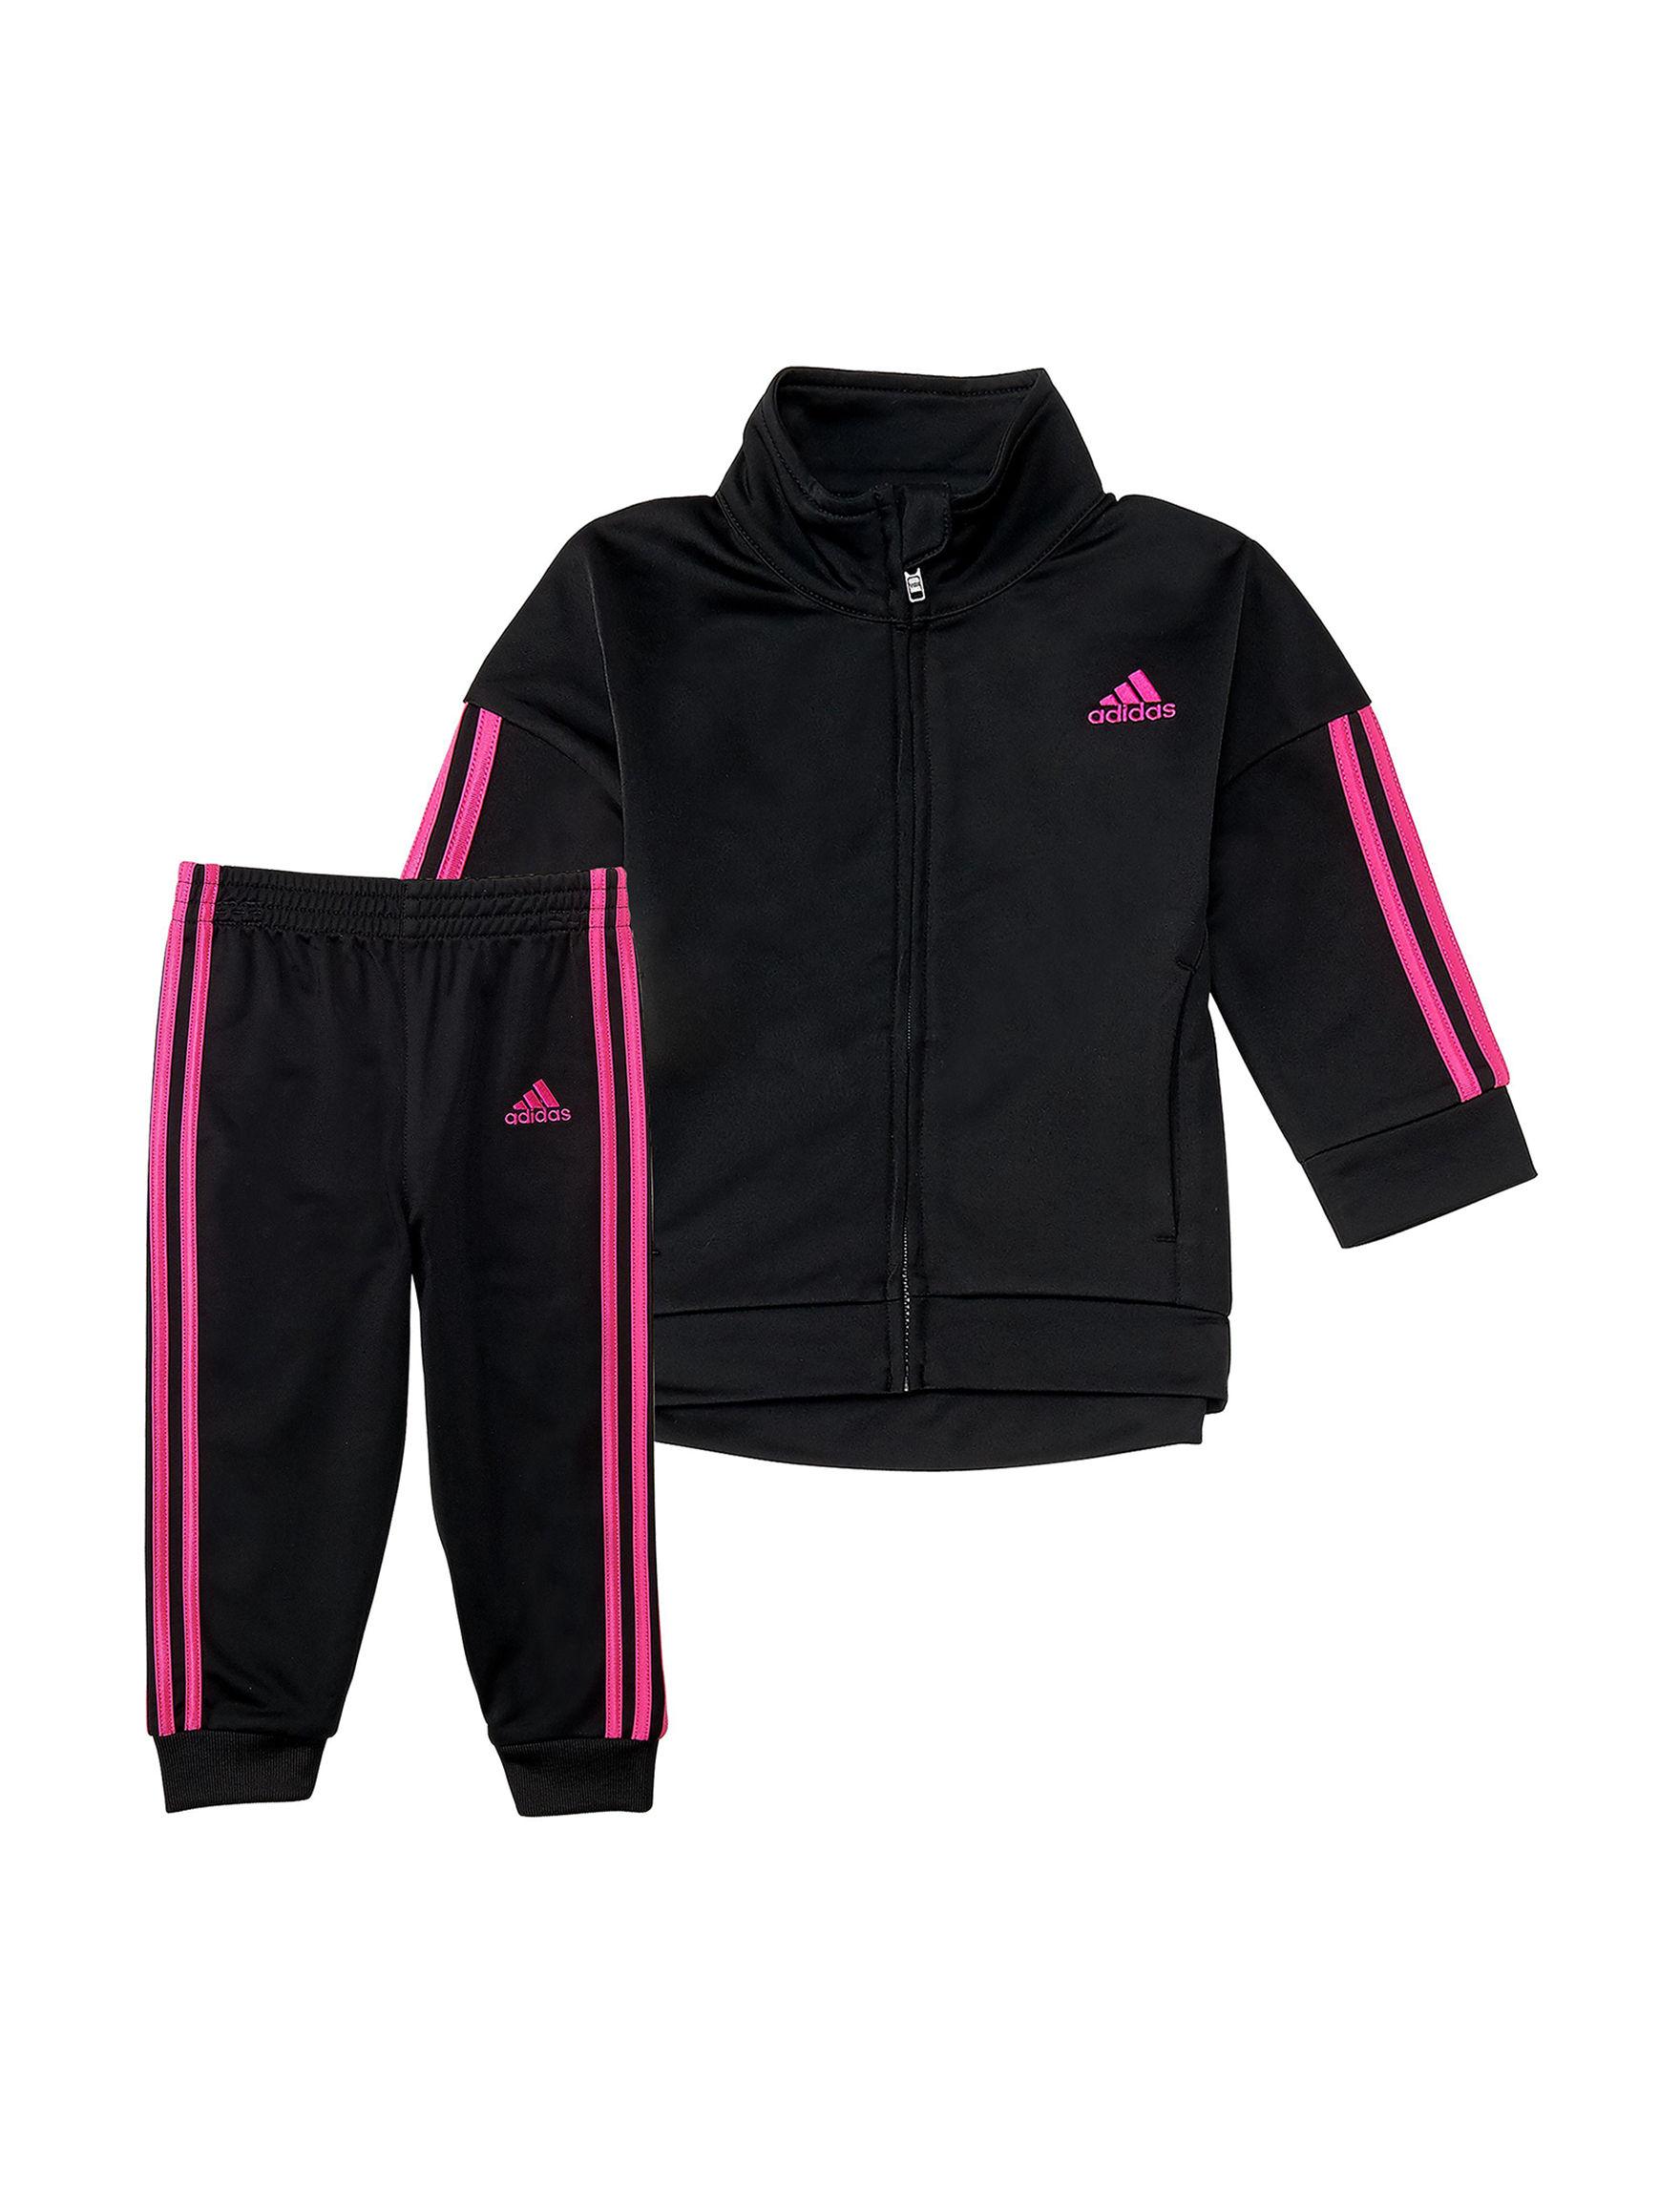 Adidas Black / Pink